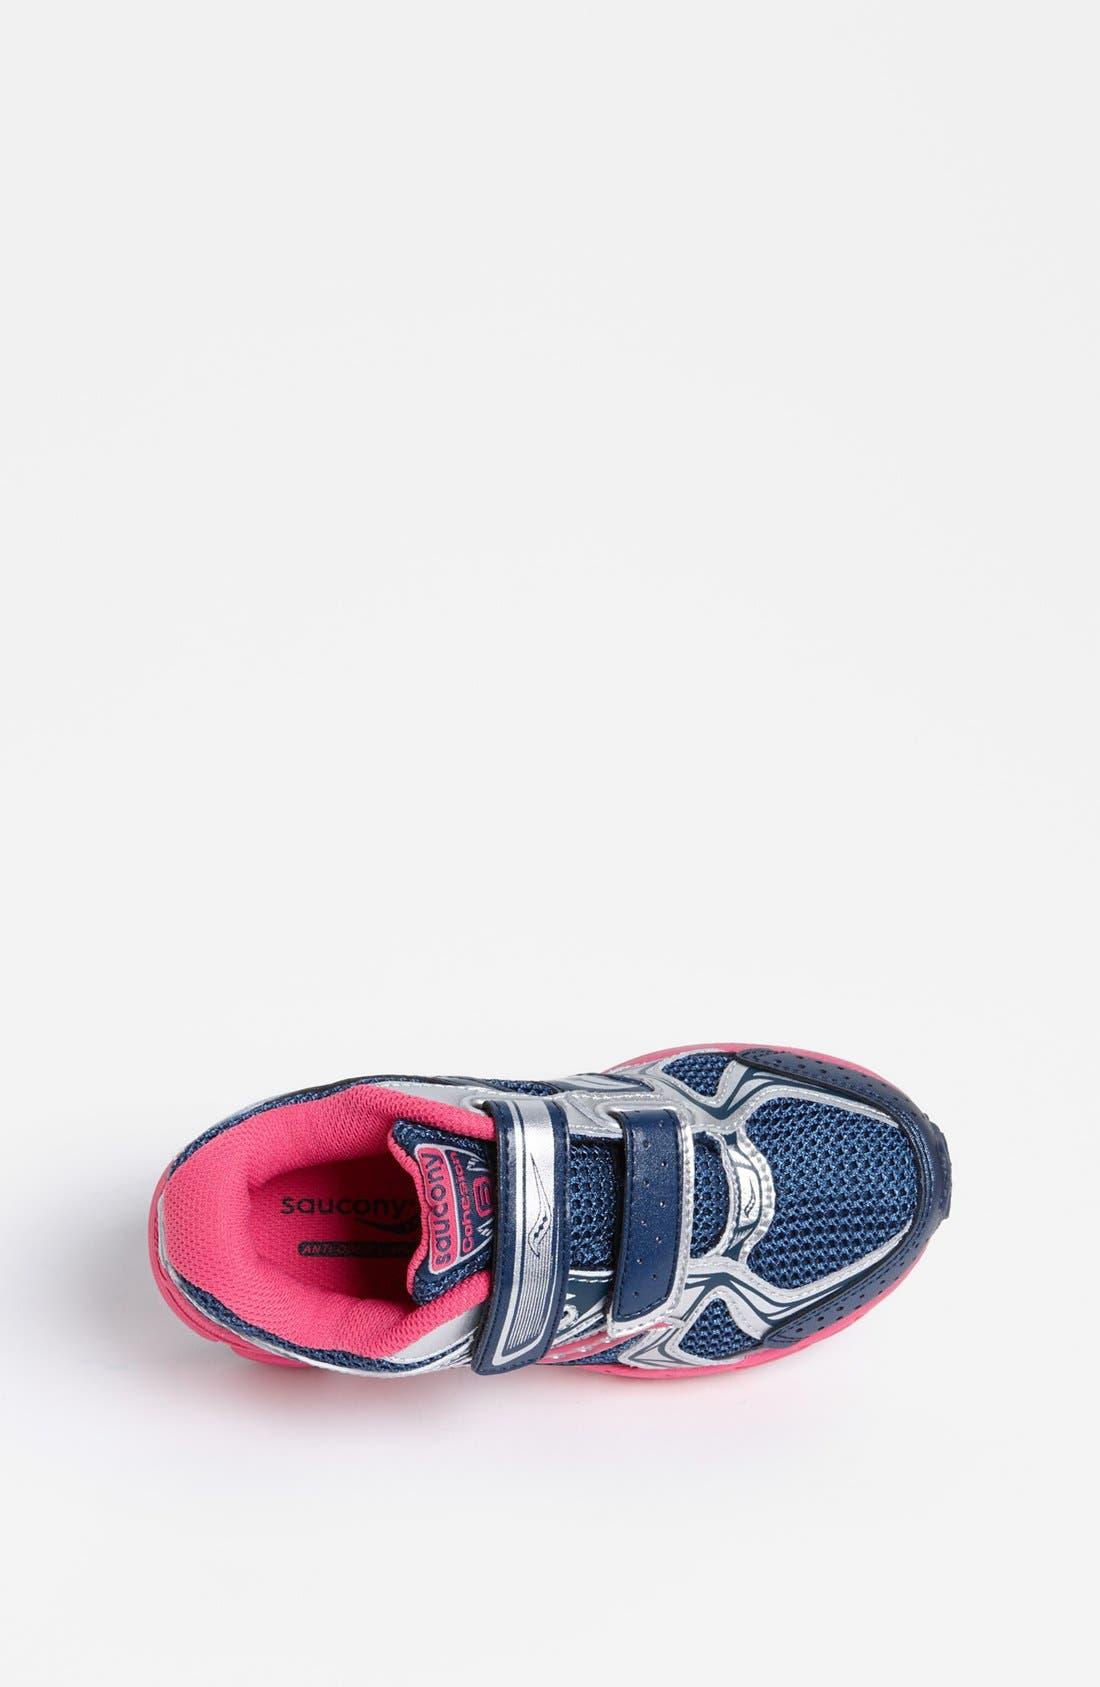 Alternate Image 3  - Saucony 'Cohesion HL' Running Shoe (Toddler, Little Kid & Big Kid)